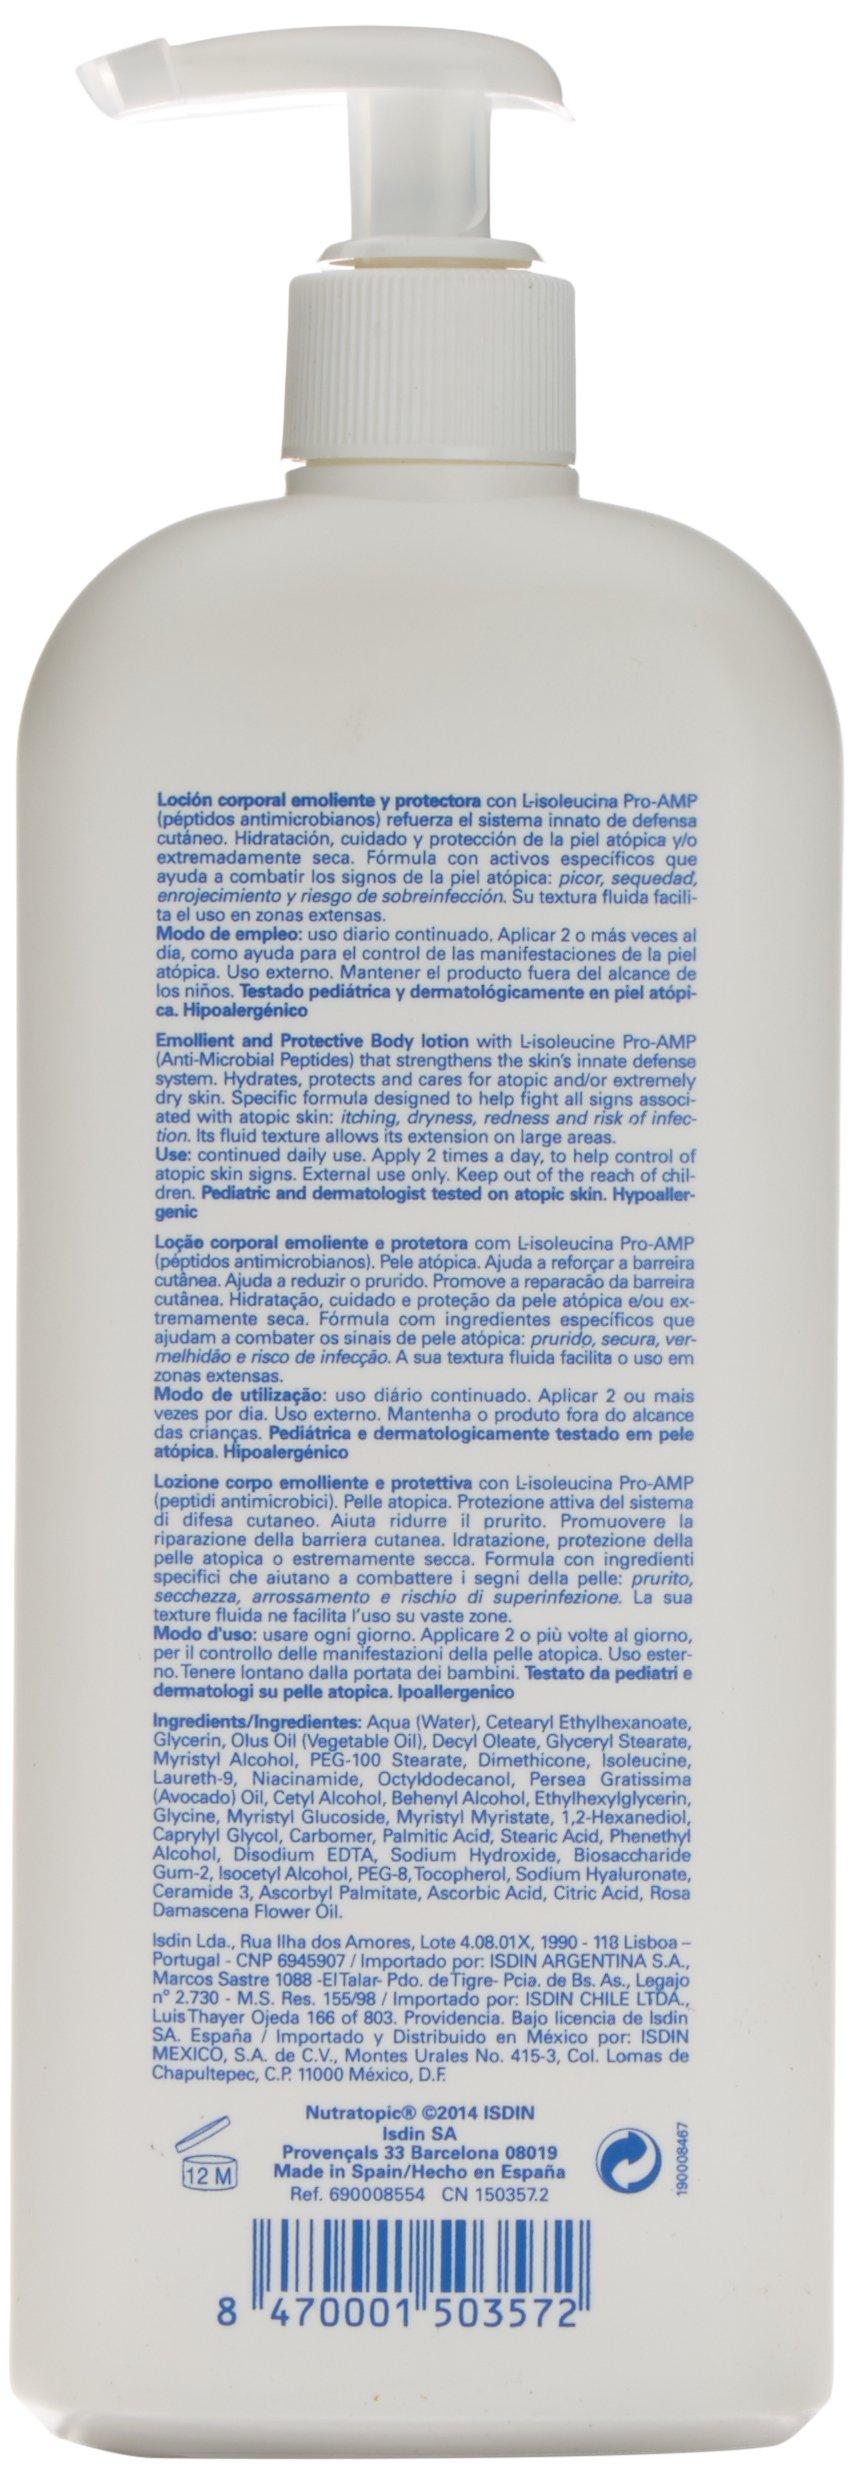 ISDIN Nutratopic Pro-AMP Loción Emoliente, 400 ml